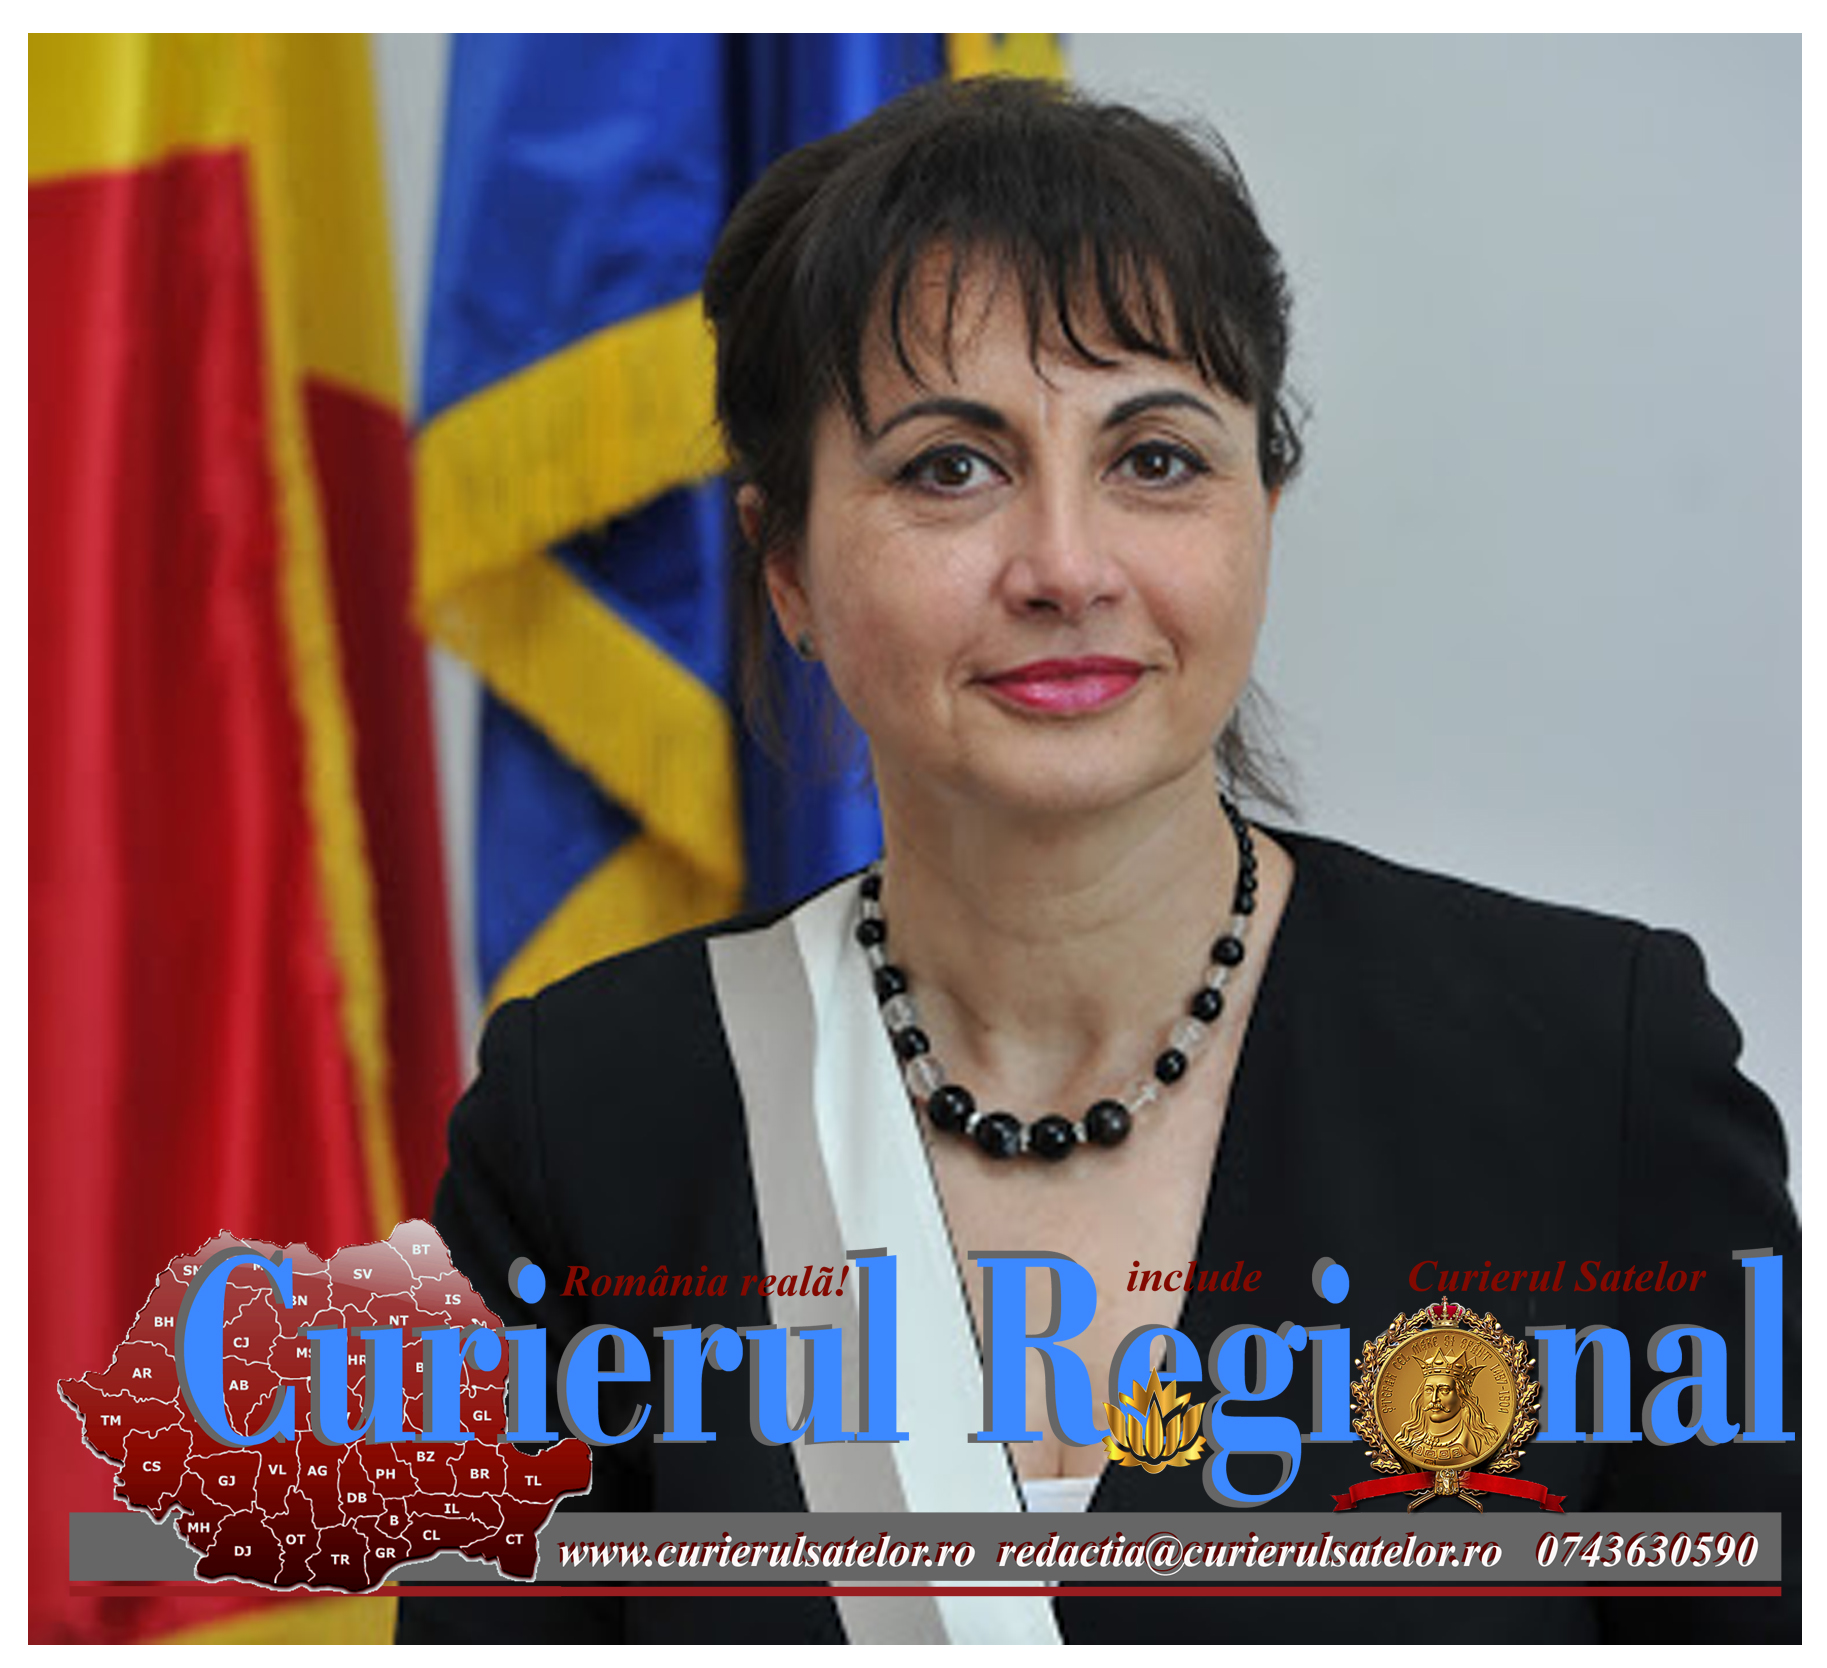 Luat la bani mărunți de un deputat din Botoșani, în fața problemelor din Sănătate, ministrul Costache a bătut câmpii 8